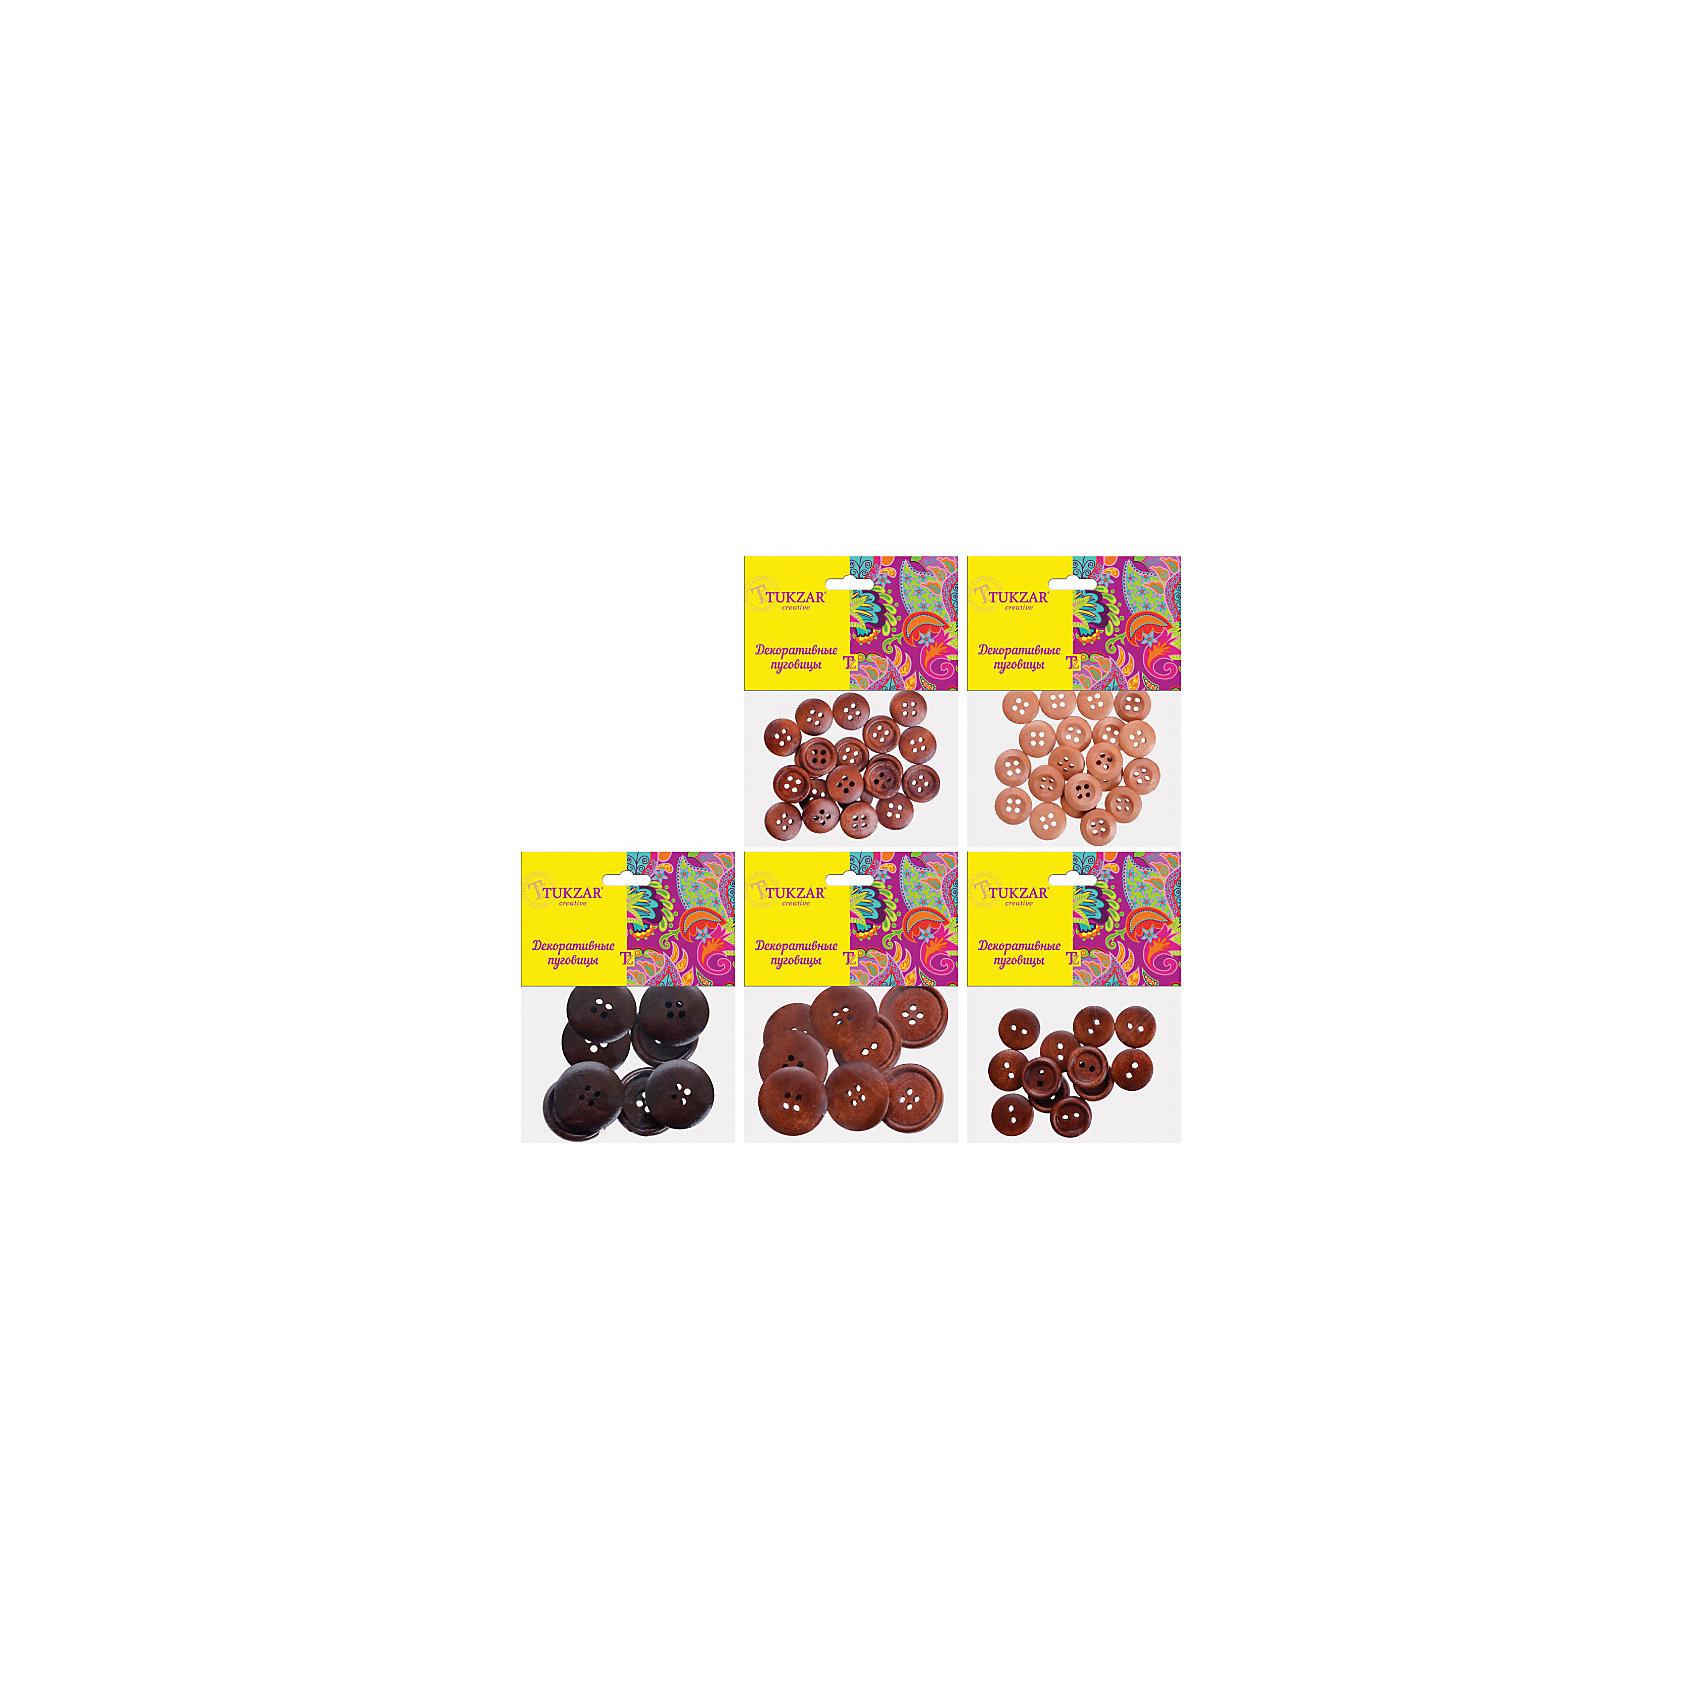 Деревянные элементы для декора Пуговицы, 5 дизайнов в ассортиментеПоследняя цена<br>Деревянные элементы для декора Пуговицы, 5 дизайнов в ассортименте от известного торгового бренда канцелярских товаров и товаров для творчества TUKZAR. Пуговицы можно использовать для оформления и декорирования ручных поделок, оформления подарочной упаковки или в качестве дополнительных элементов для создания авторских узоров и аксессуаров. Набор включает в себяпуговицы, выполненные из дерева, разнообразных размеров, форм и цветов. <br><br>Дополнительная информация:<br><br>- Предназначение: для творческих занятий, оформительских работ и декорирования<br>- Материал: дерево<br>- Комплектация: деревянные пуговины в 5-ти дизайнах<br>- Размер: 8*10 см<br>- Упаковка: полиэтилен<br><br>Подробнее:<br><br>• Для детей в возрасте: от 5 лет <br>• Страна производитель: Китай<br>• Торговый бренд: TUKZAR<br><br>Деревянные элементы для декора Пуговицы, 5 дизайнов в ассортименте можно купить в нашем интернет-магазине.<br><br>Ширина мм: 80<br>Глубина мм: 100<br>Высота мм: 10<br>Вес г: 50<br>Возраст от месяцев: 36<br>Возраст до месяцев: 192<br>Пол: Унисекс<br>Возраст: Детский<br>SKU: 5001416